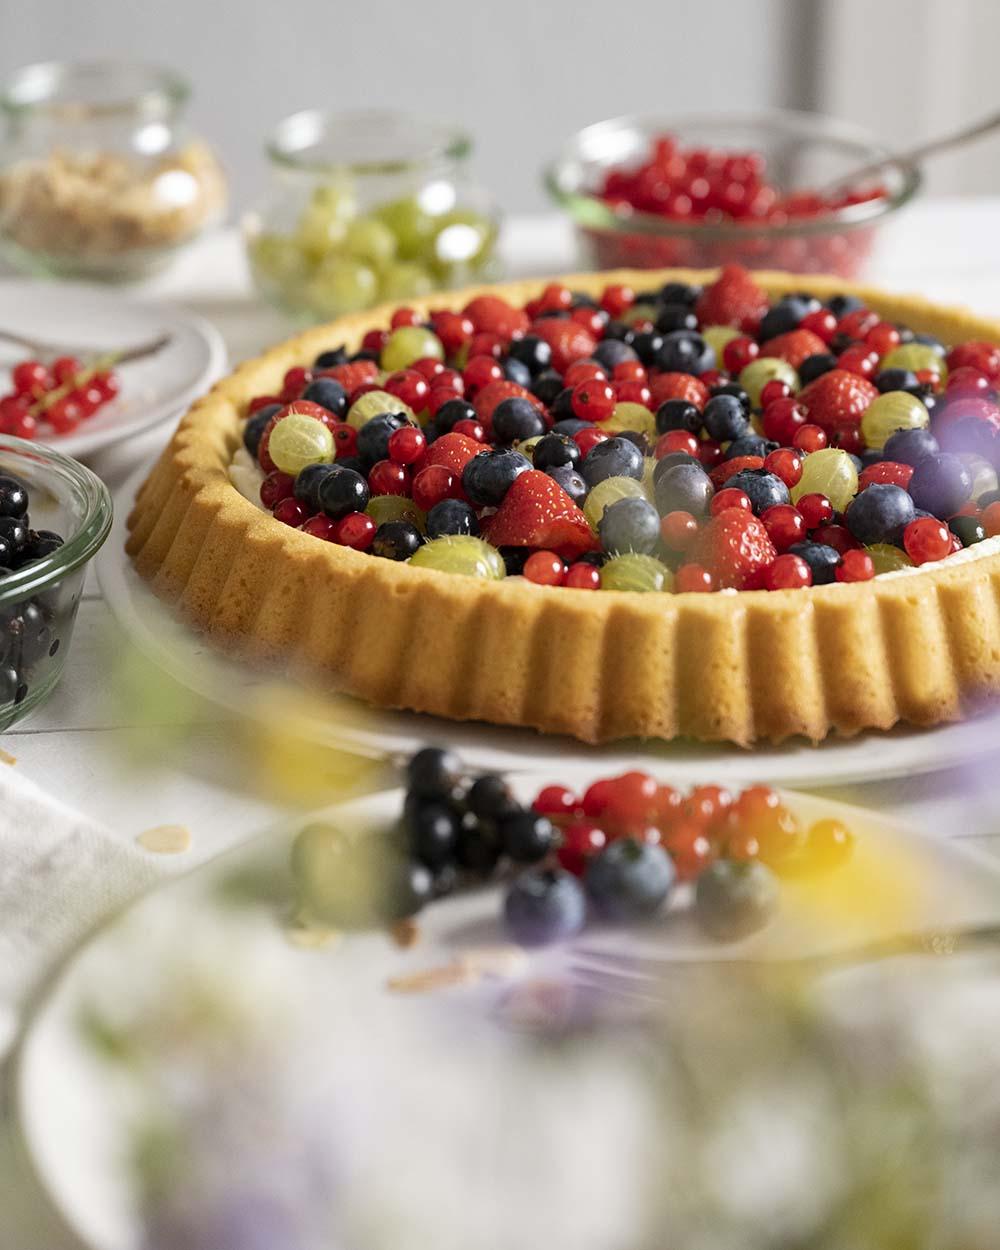 Unser Beerenkuchen steht auf der Kaffeetafel. Im Vordergrund ist ein Teller zu sehen, auf den wir gleich das erste Stück heben.